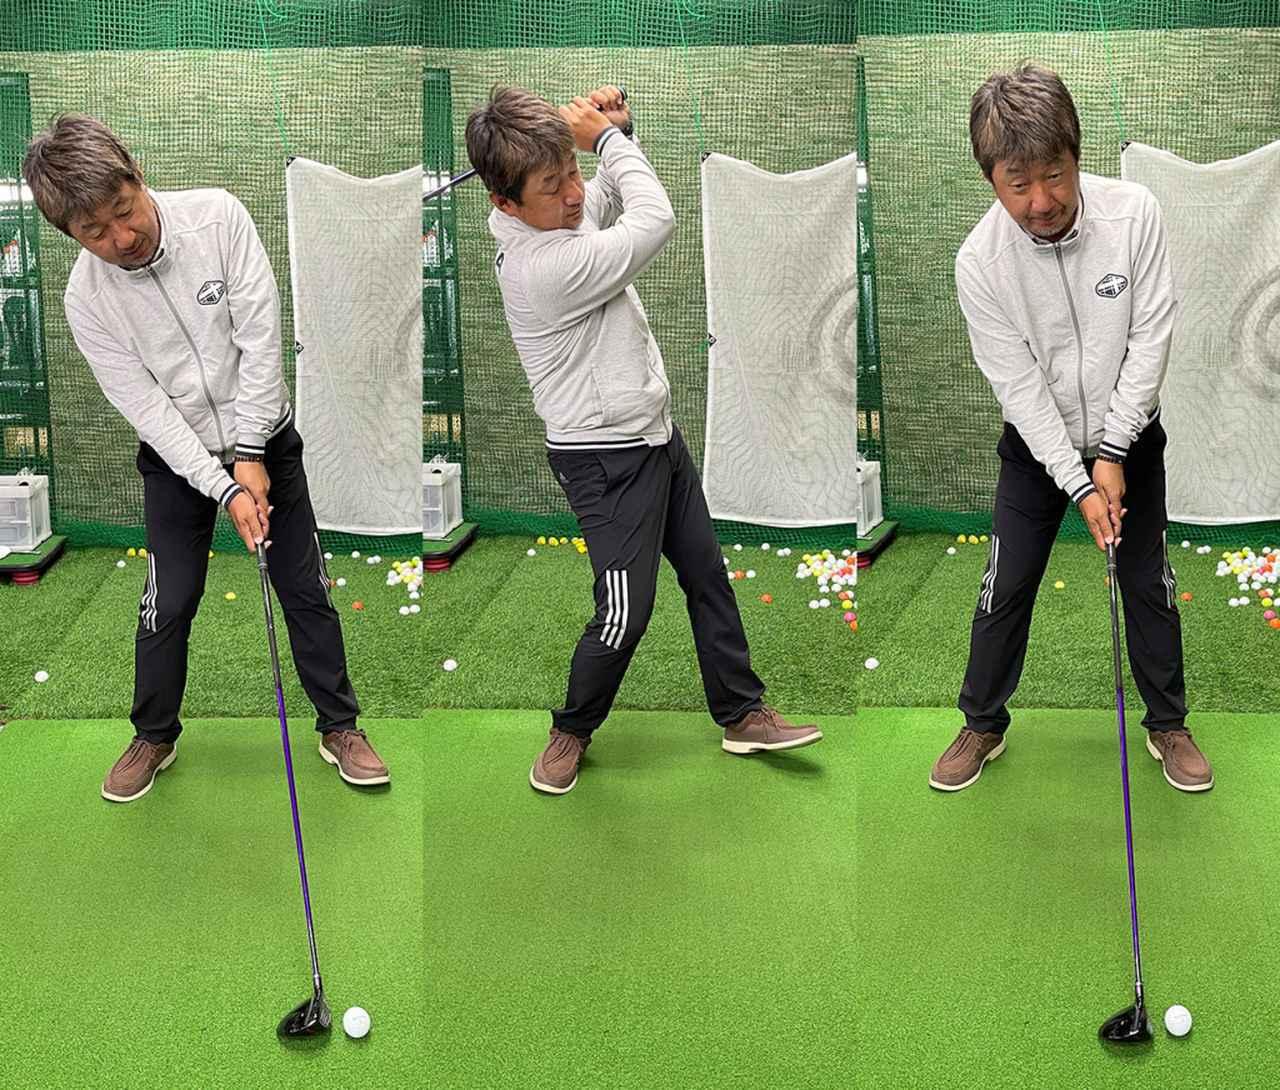 画像: すくい打ち(左)、体重が右に残る(中)、ボールの位置が左すぎる(右)。この3つがフェアウェイウッドでのチョロの原因だと稲森プロは話します